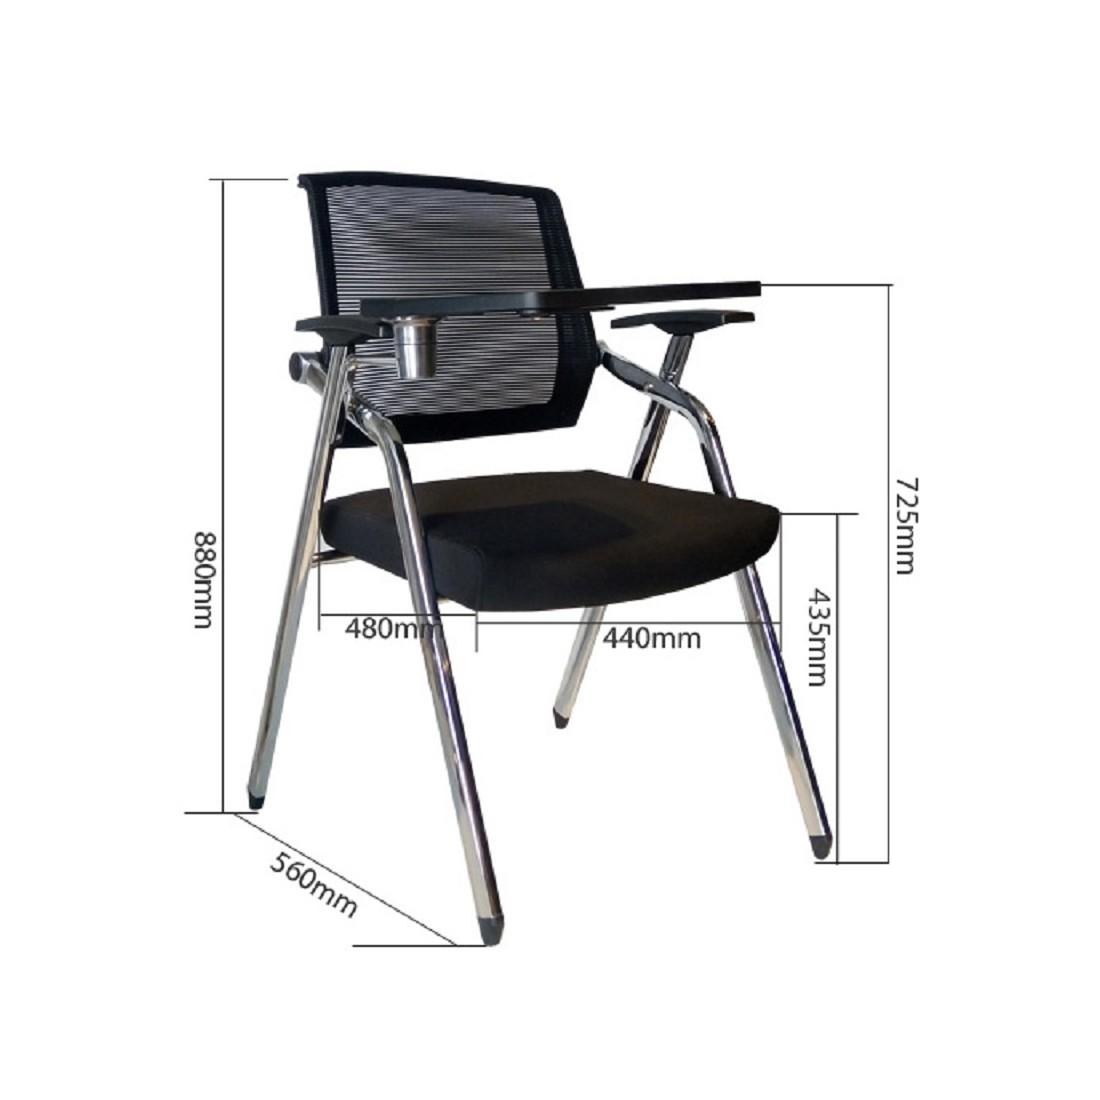 Ghế training B570-Thế giới đồ gia dụng HMD